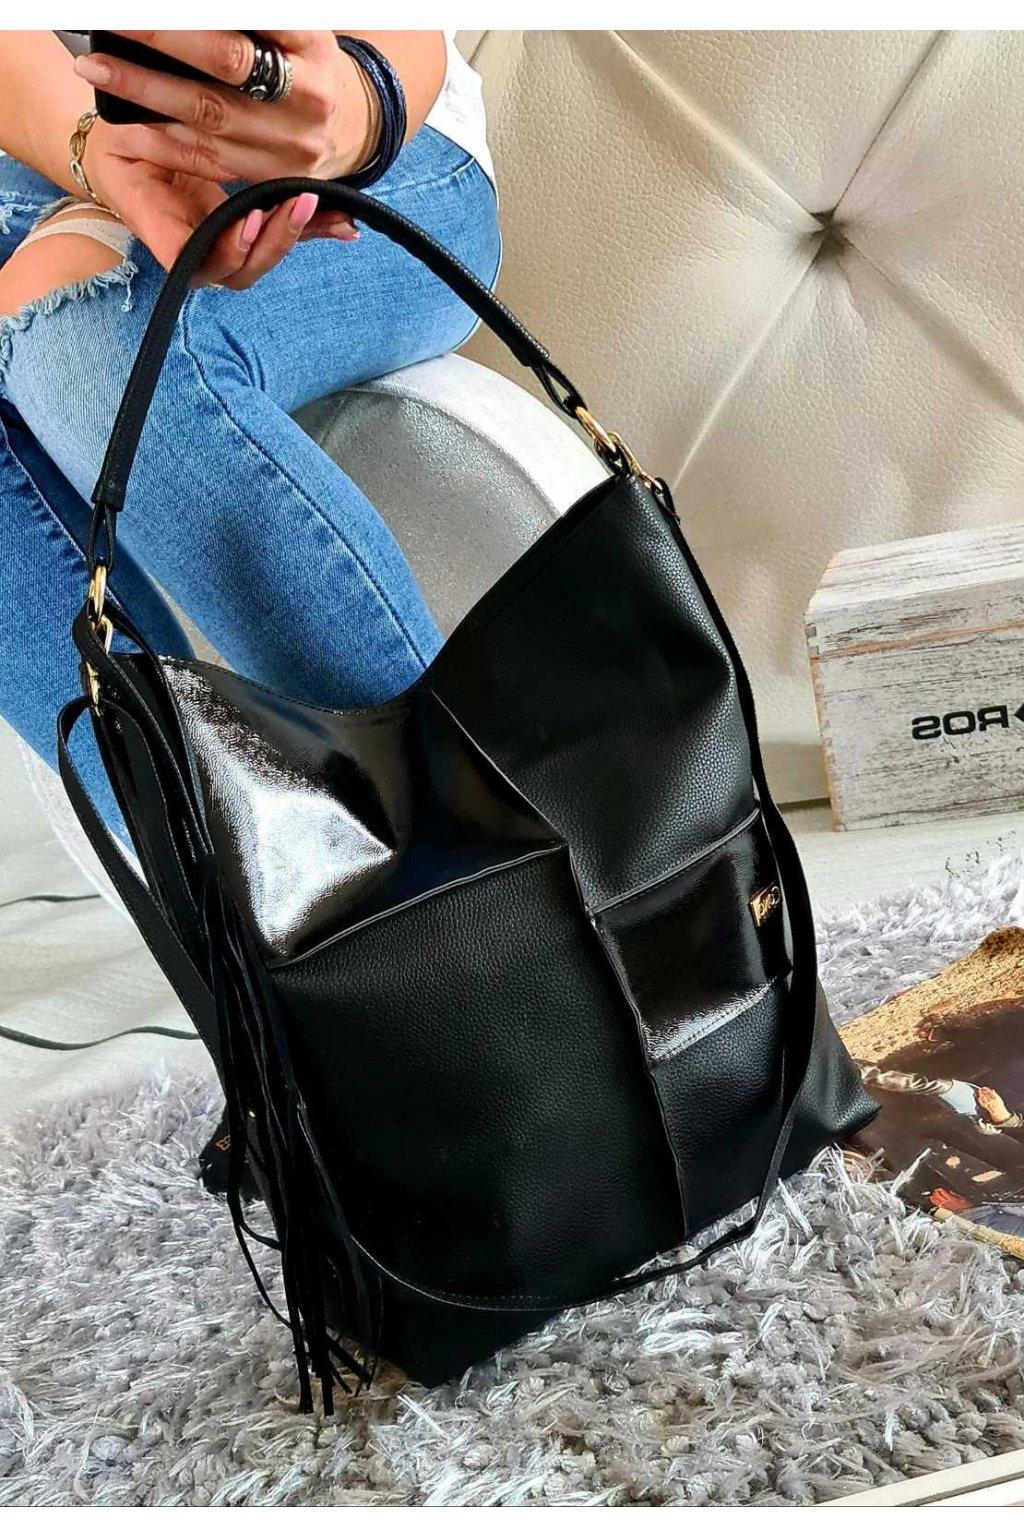 krysten černá kabelka laura biaggi trendy luxusní kabelky značkové